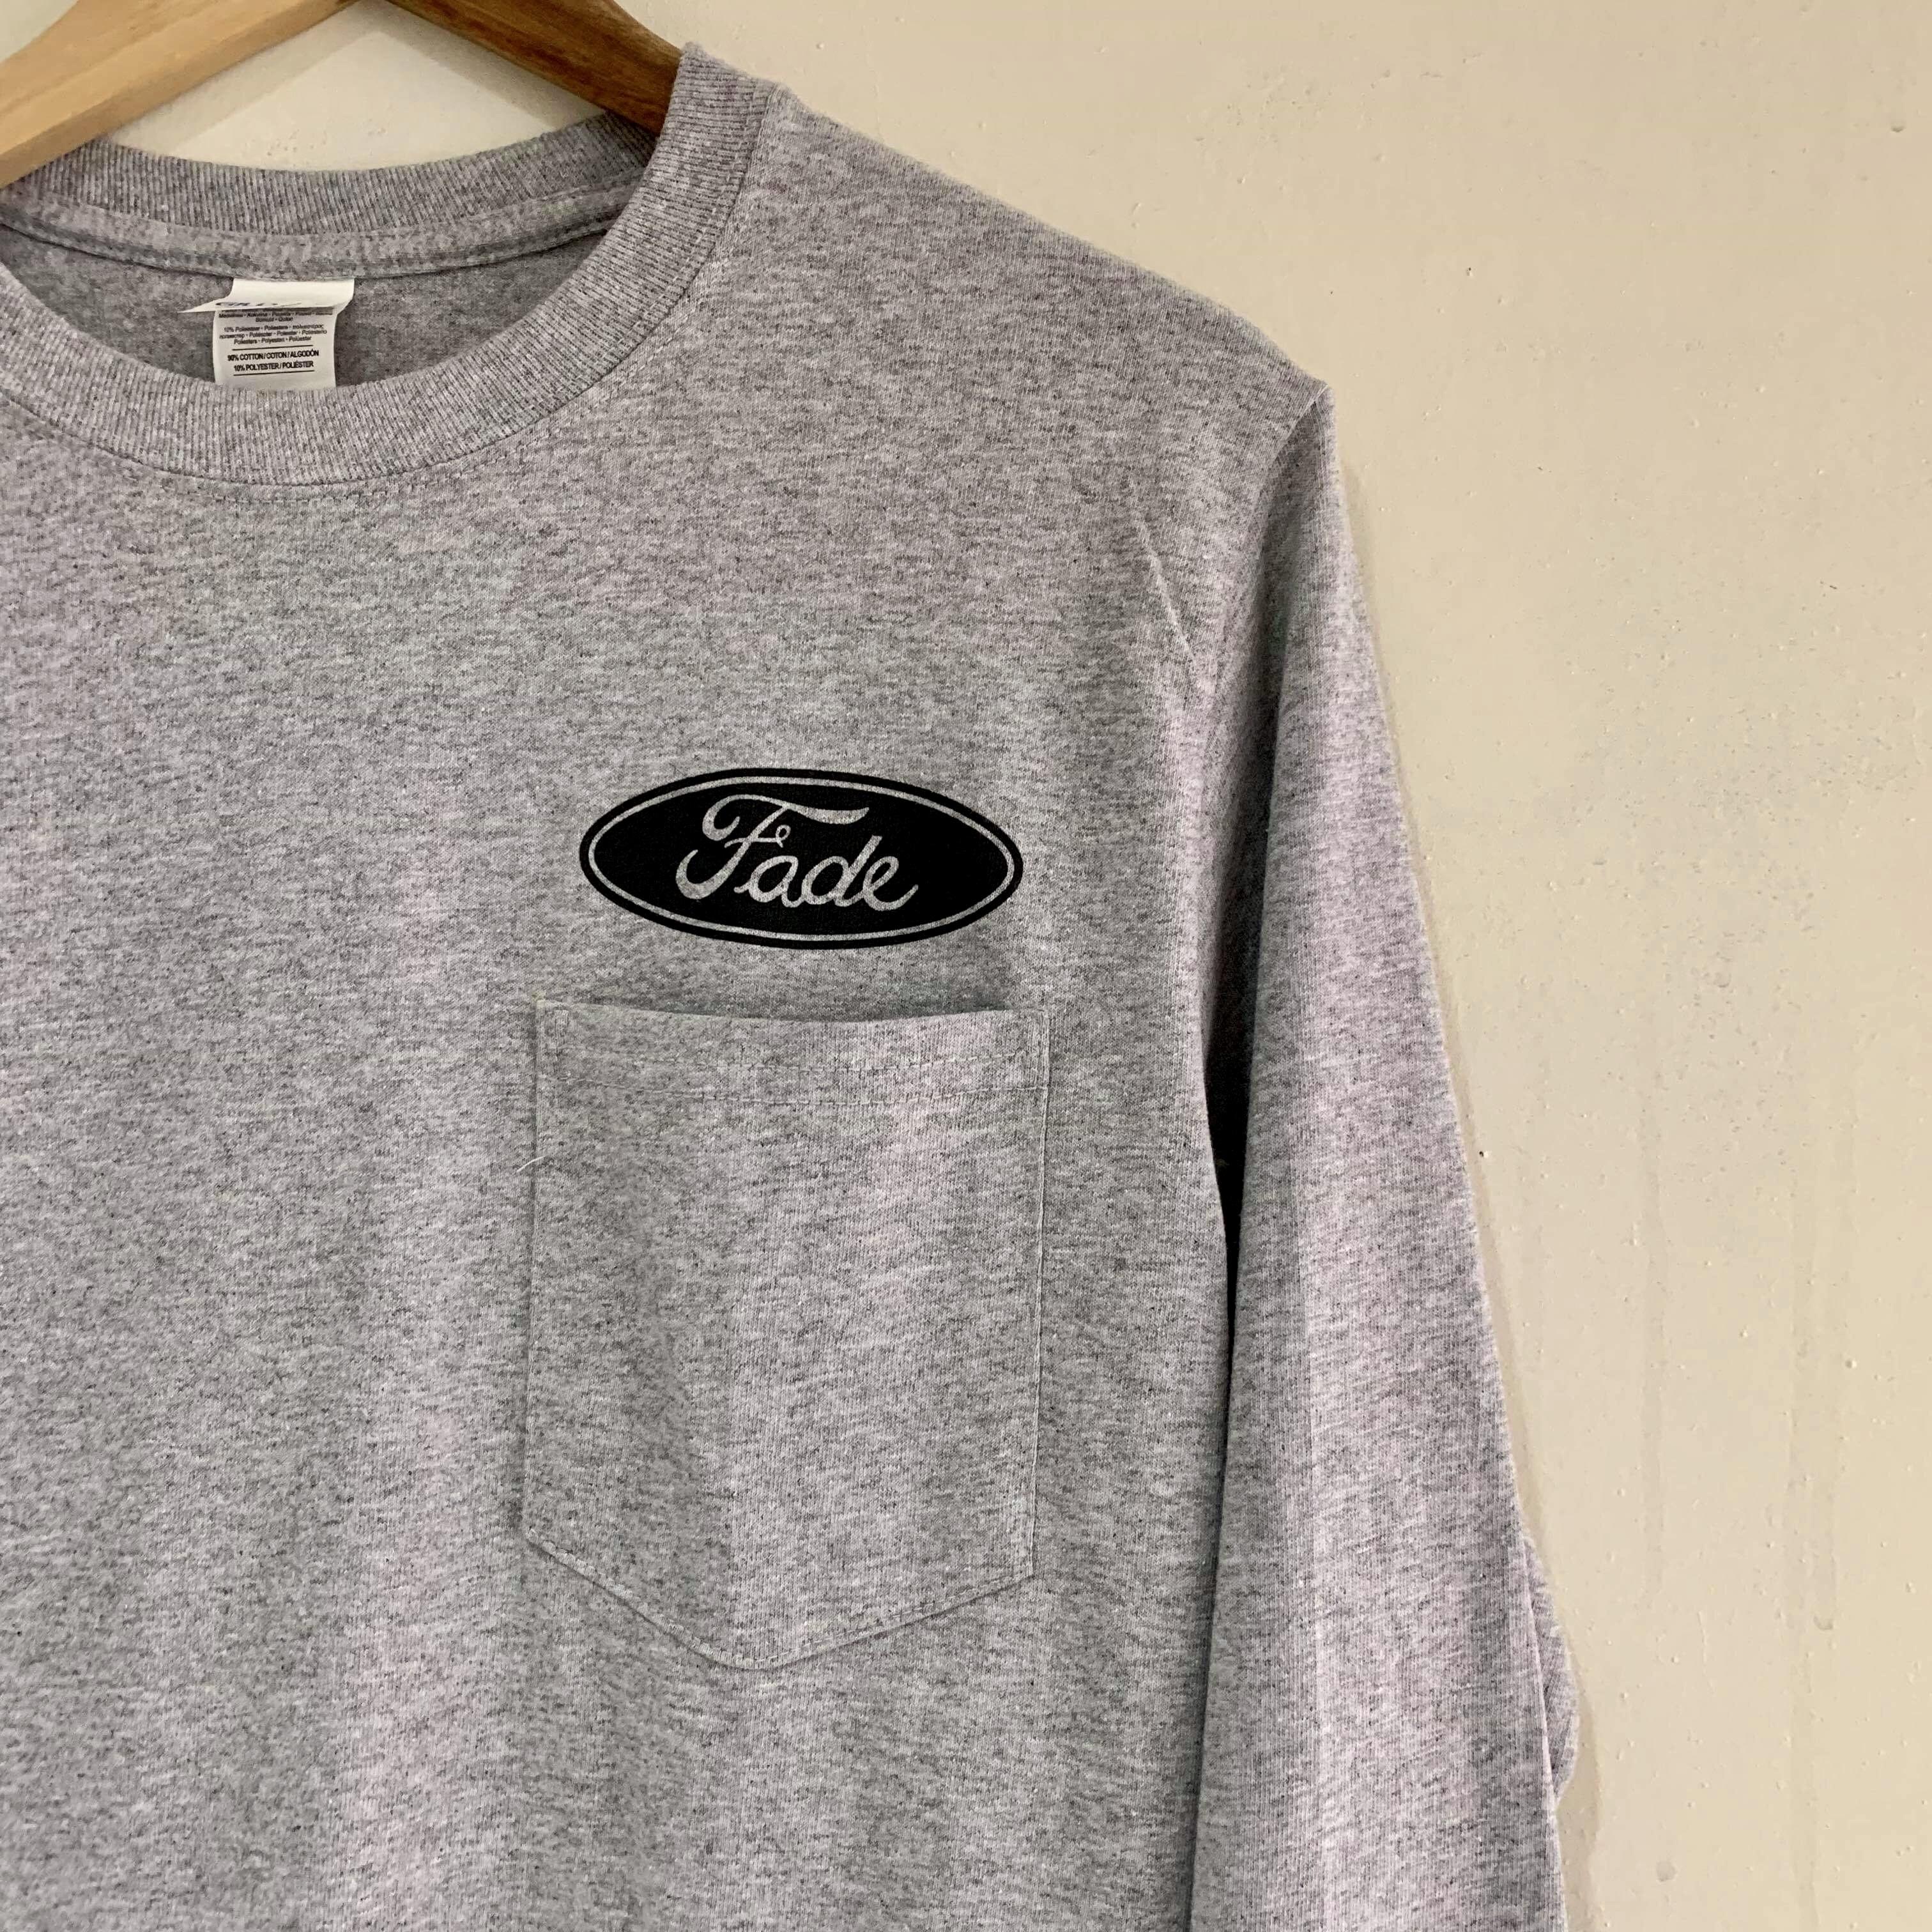 Fade ロングTシャツ缶バッジ付 グレーxブラックロゴ